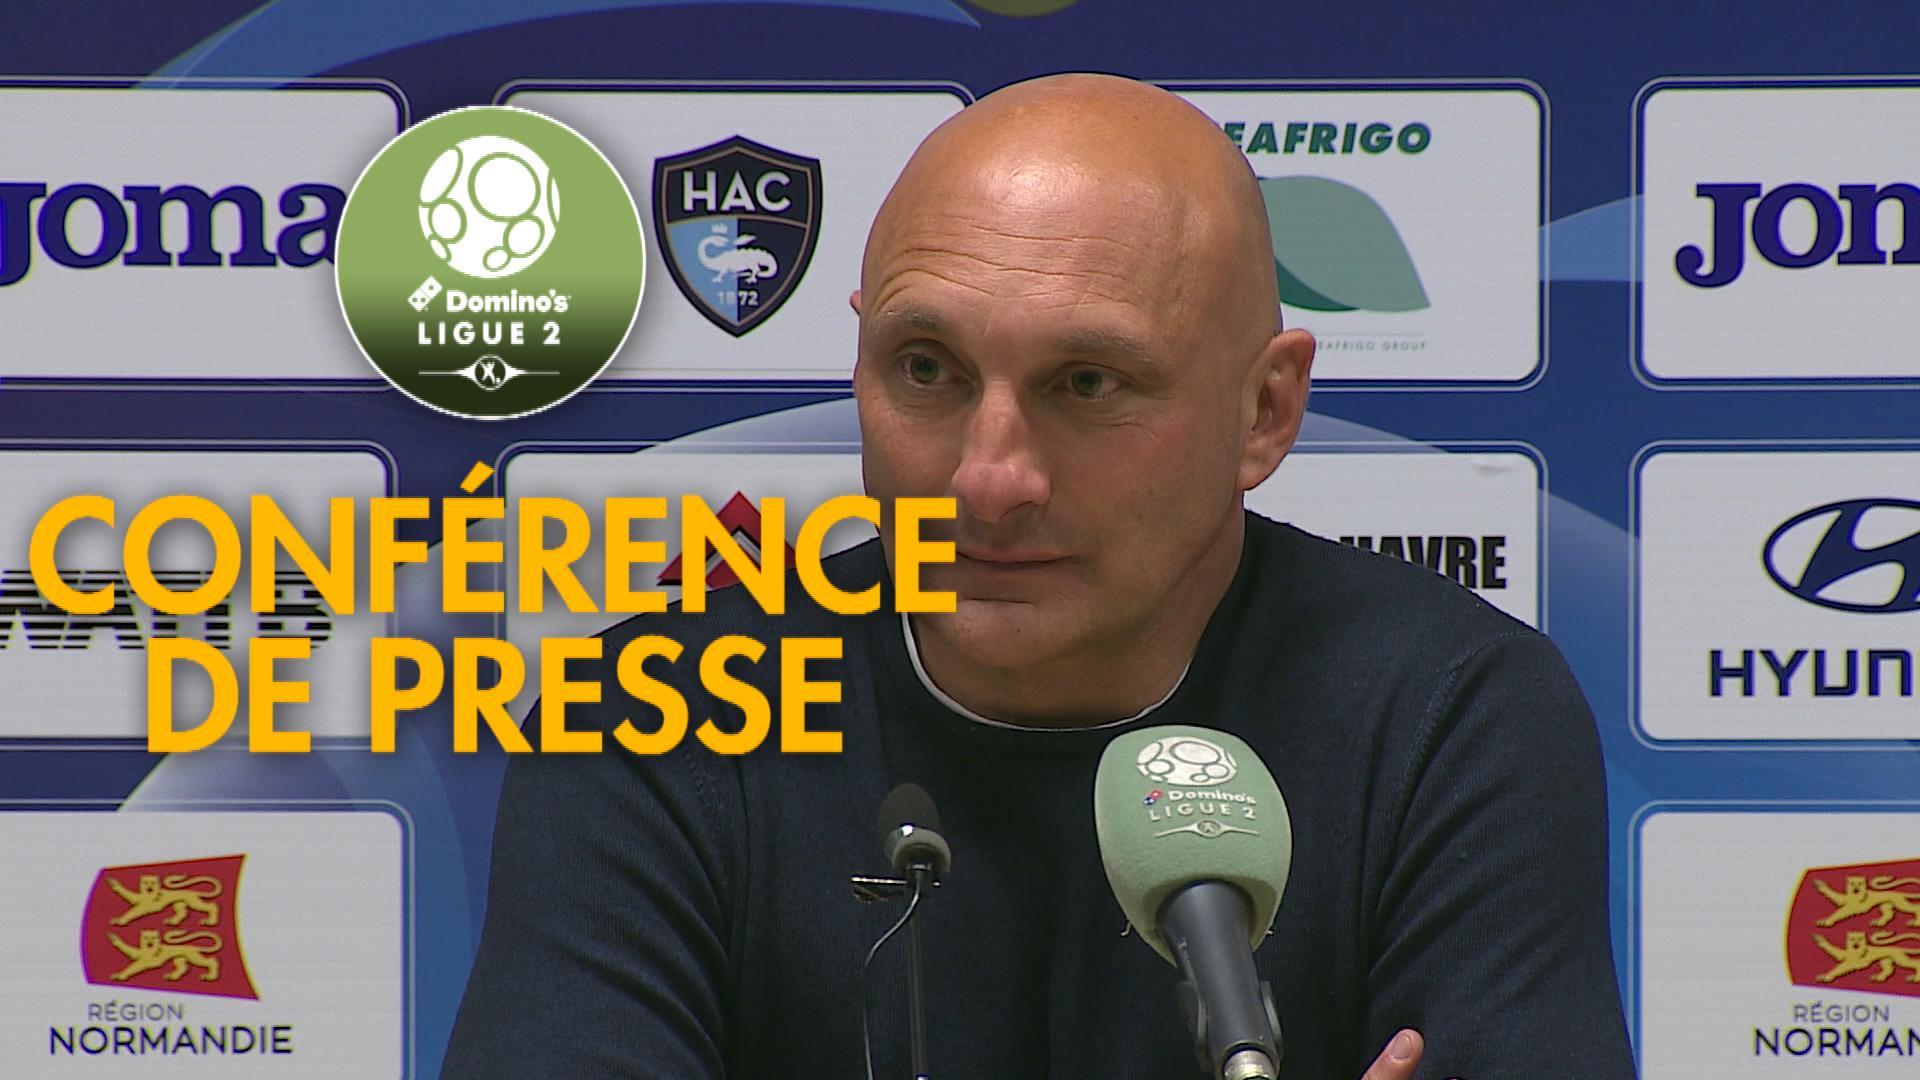 Conférence de presse Havre AC – AC Ajaccio (2-0) : Oswald TANCHOT (HAC) – Olivier PANTALONI (ACA) – 2017/2018